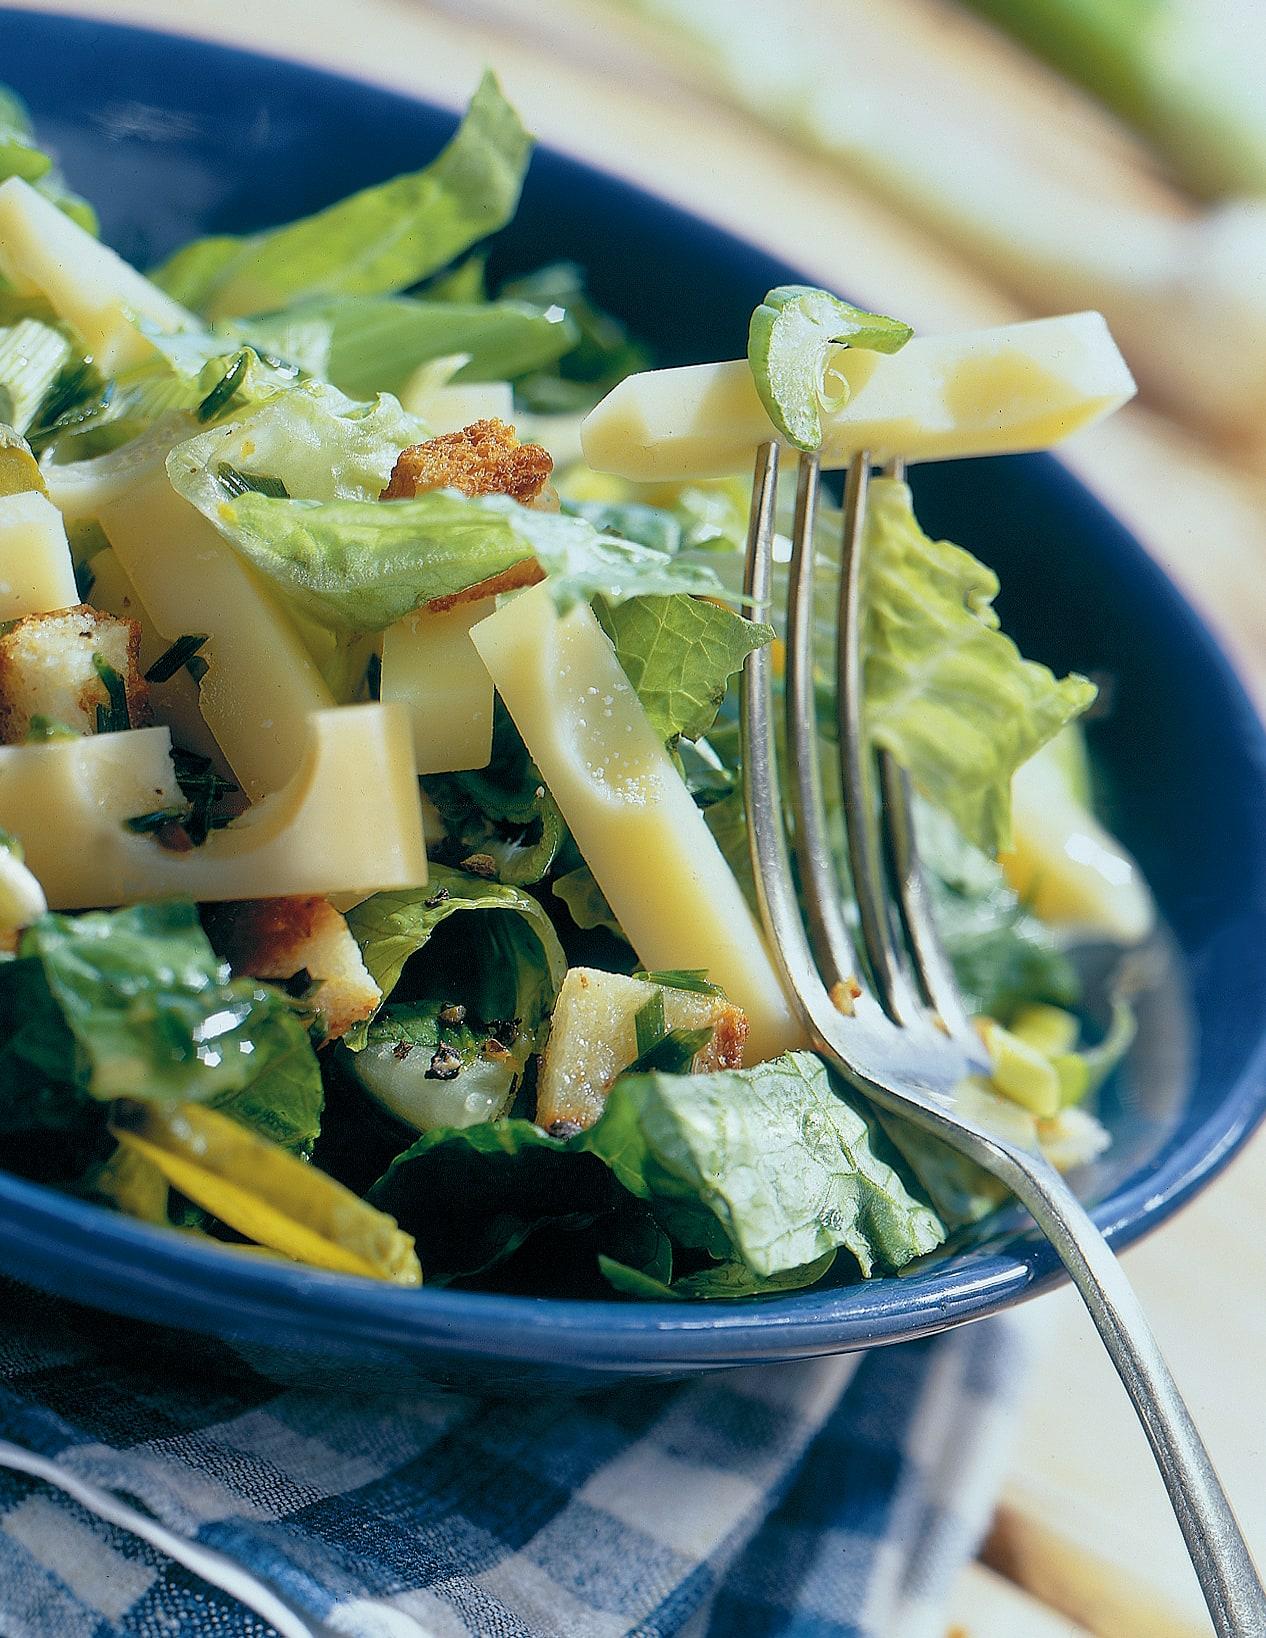 Lattichsalat mit Emmentaler